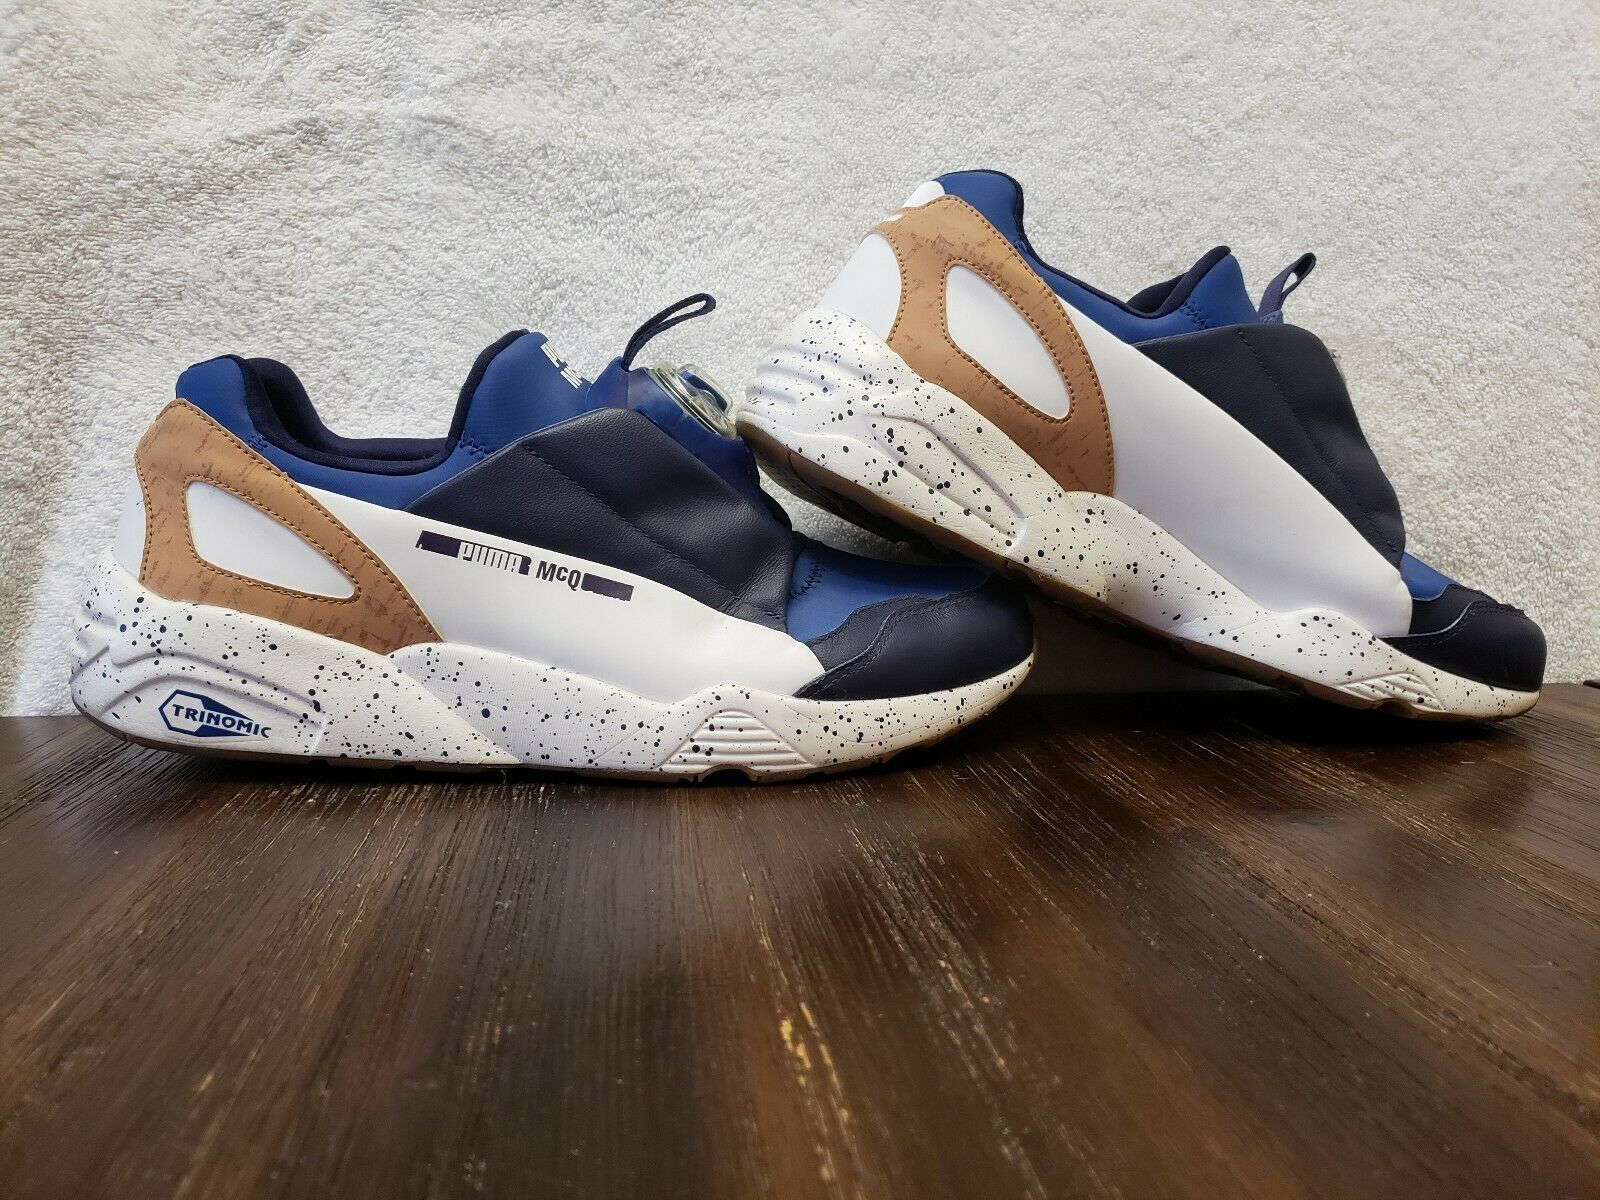 Puma Alexander McQueen Disc Running shoes bluee - Mens - Size 12 D